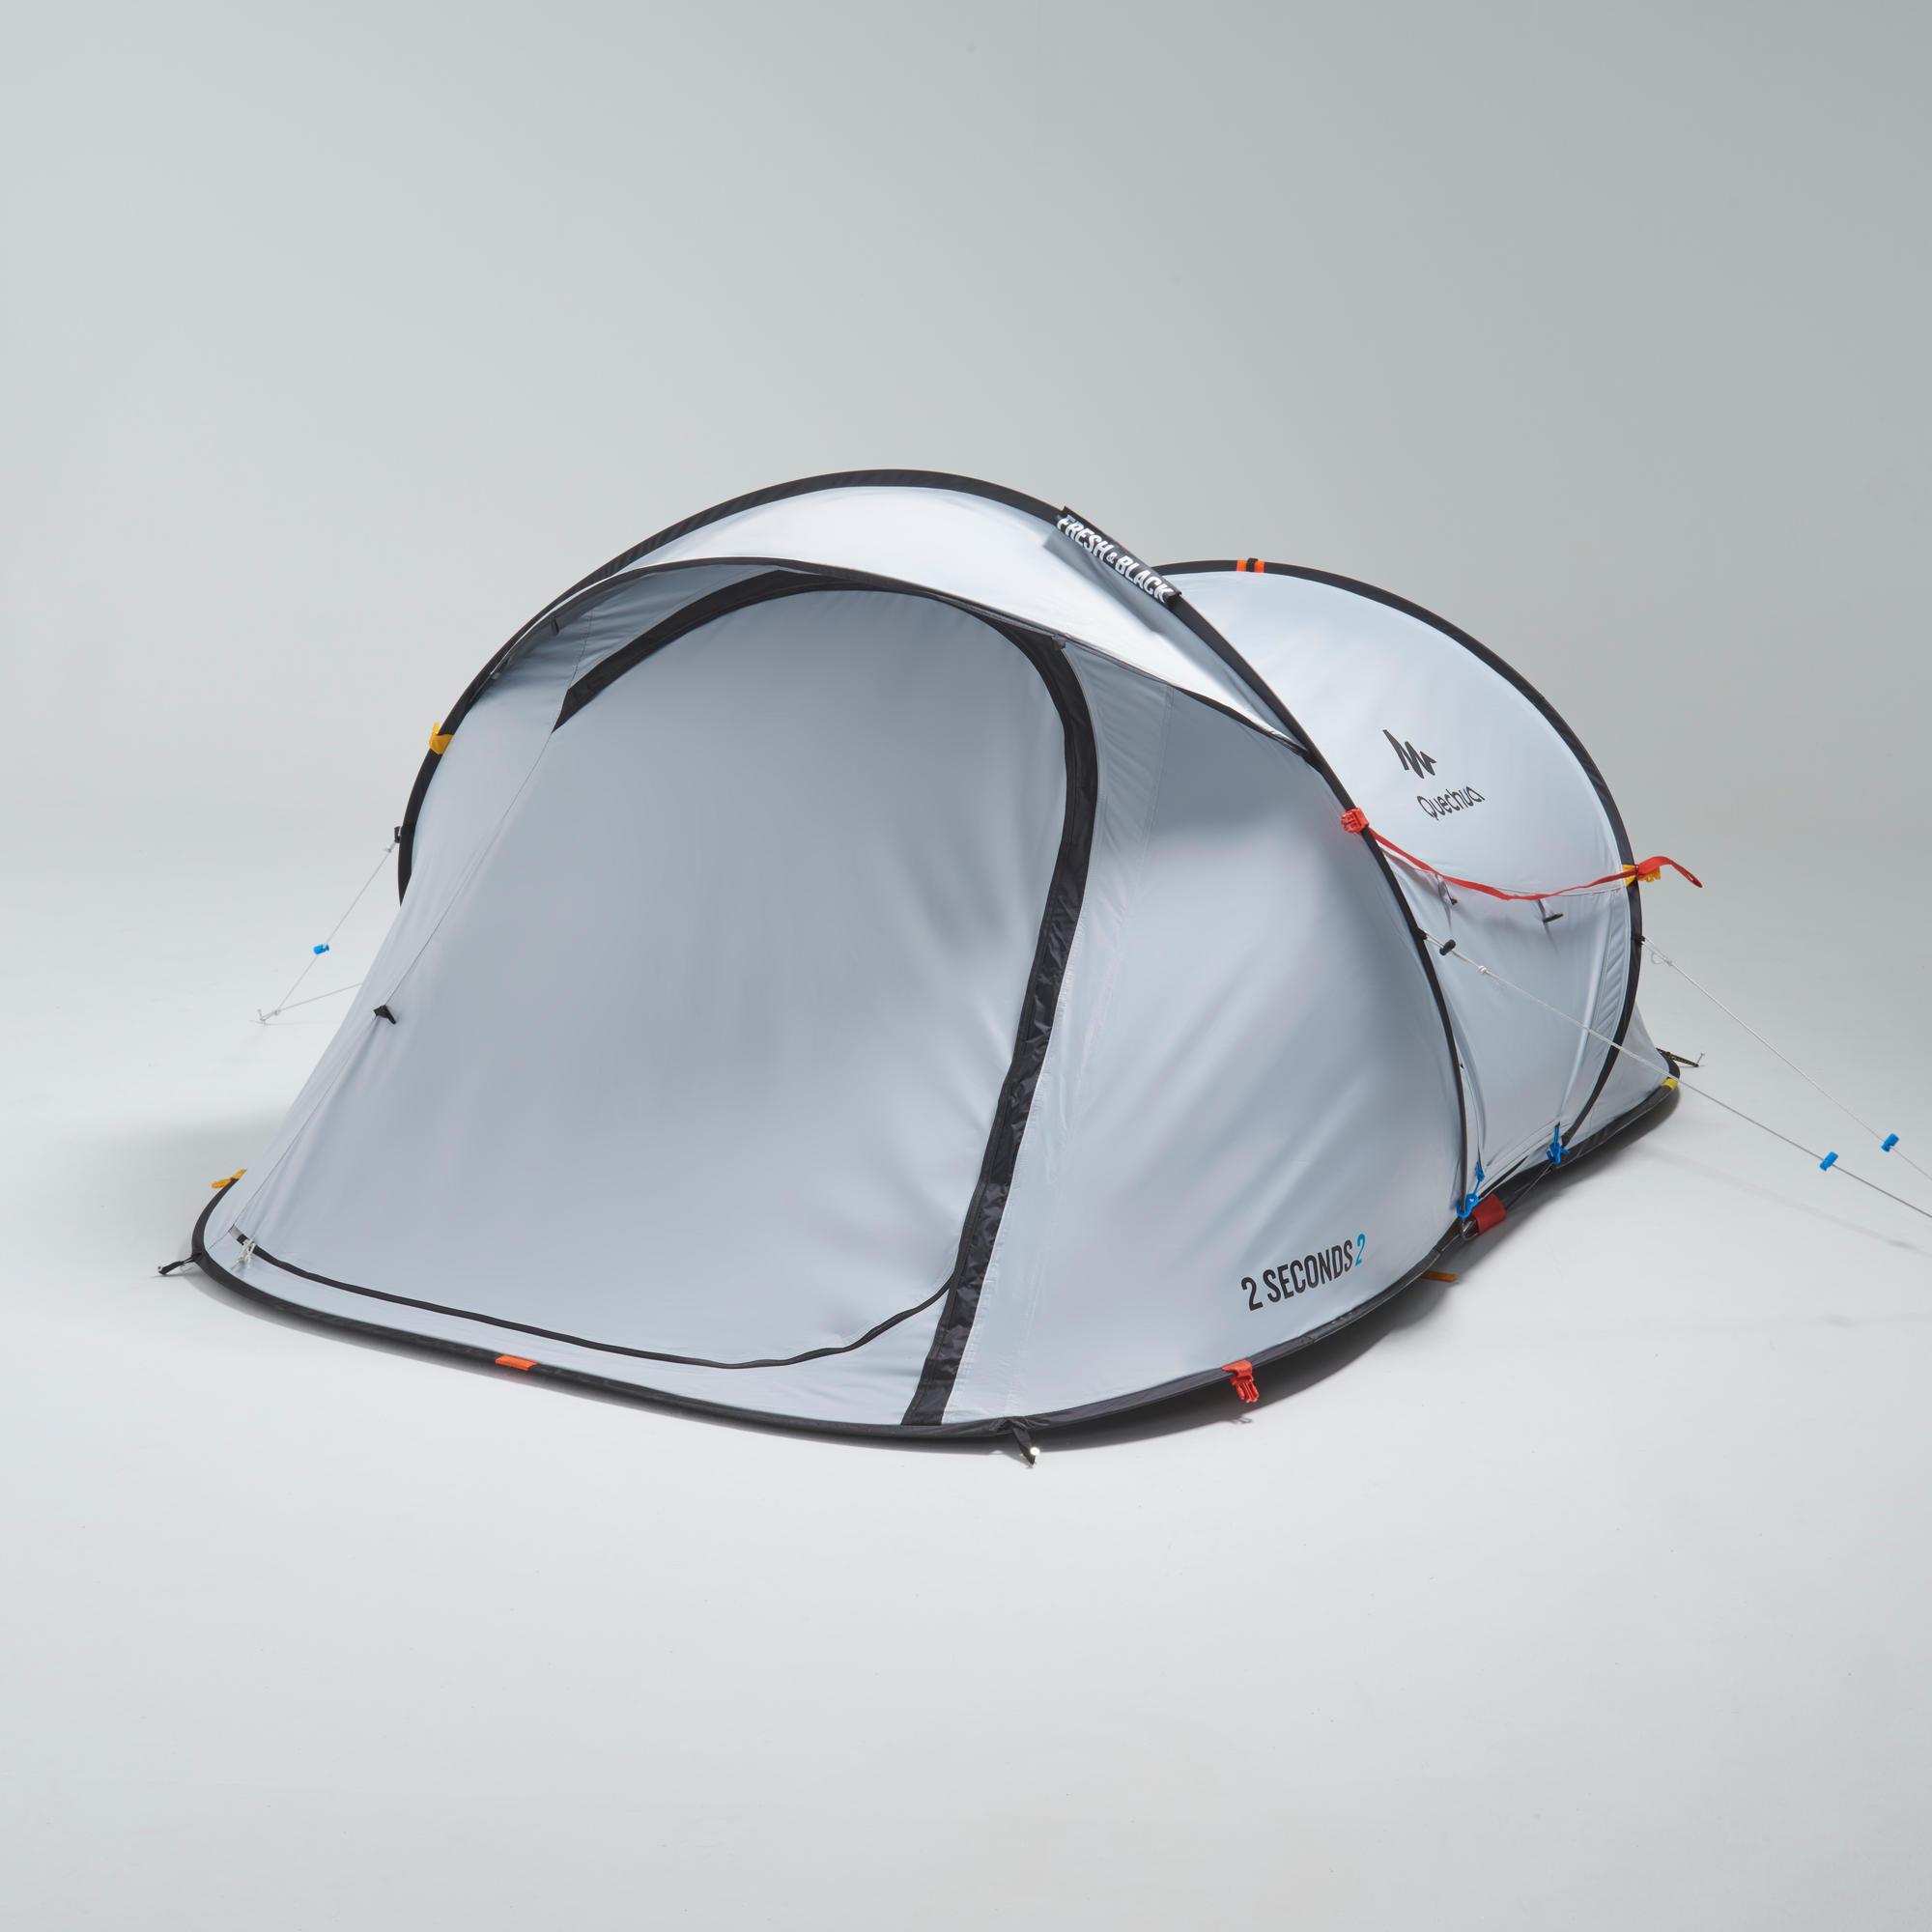 tente de camping 2 seconds fresh black 2 personnes